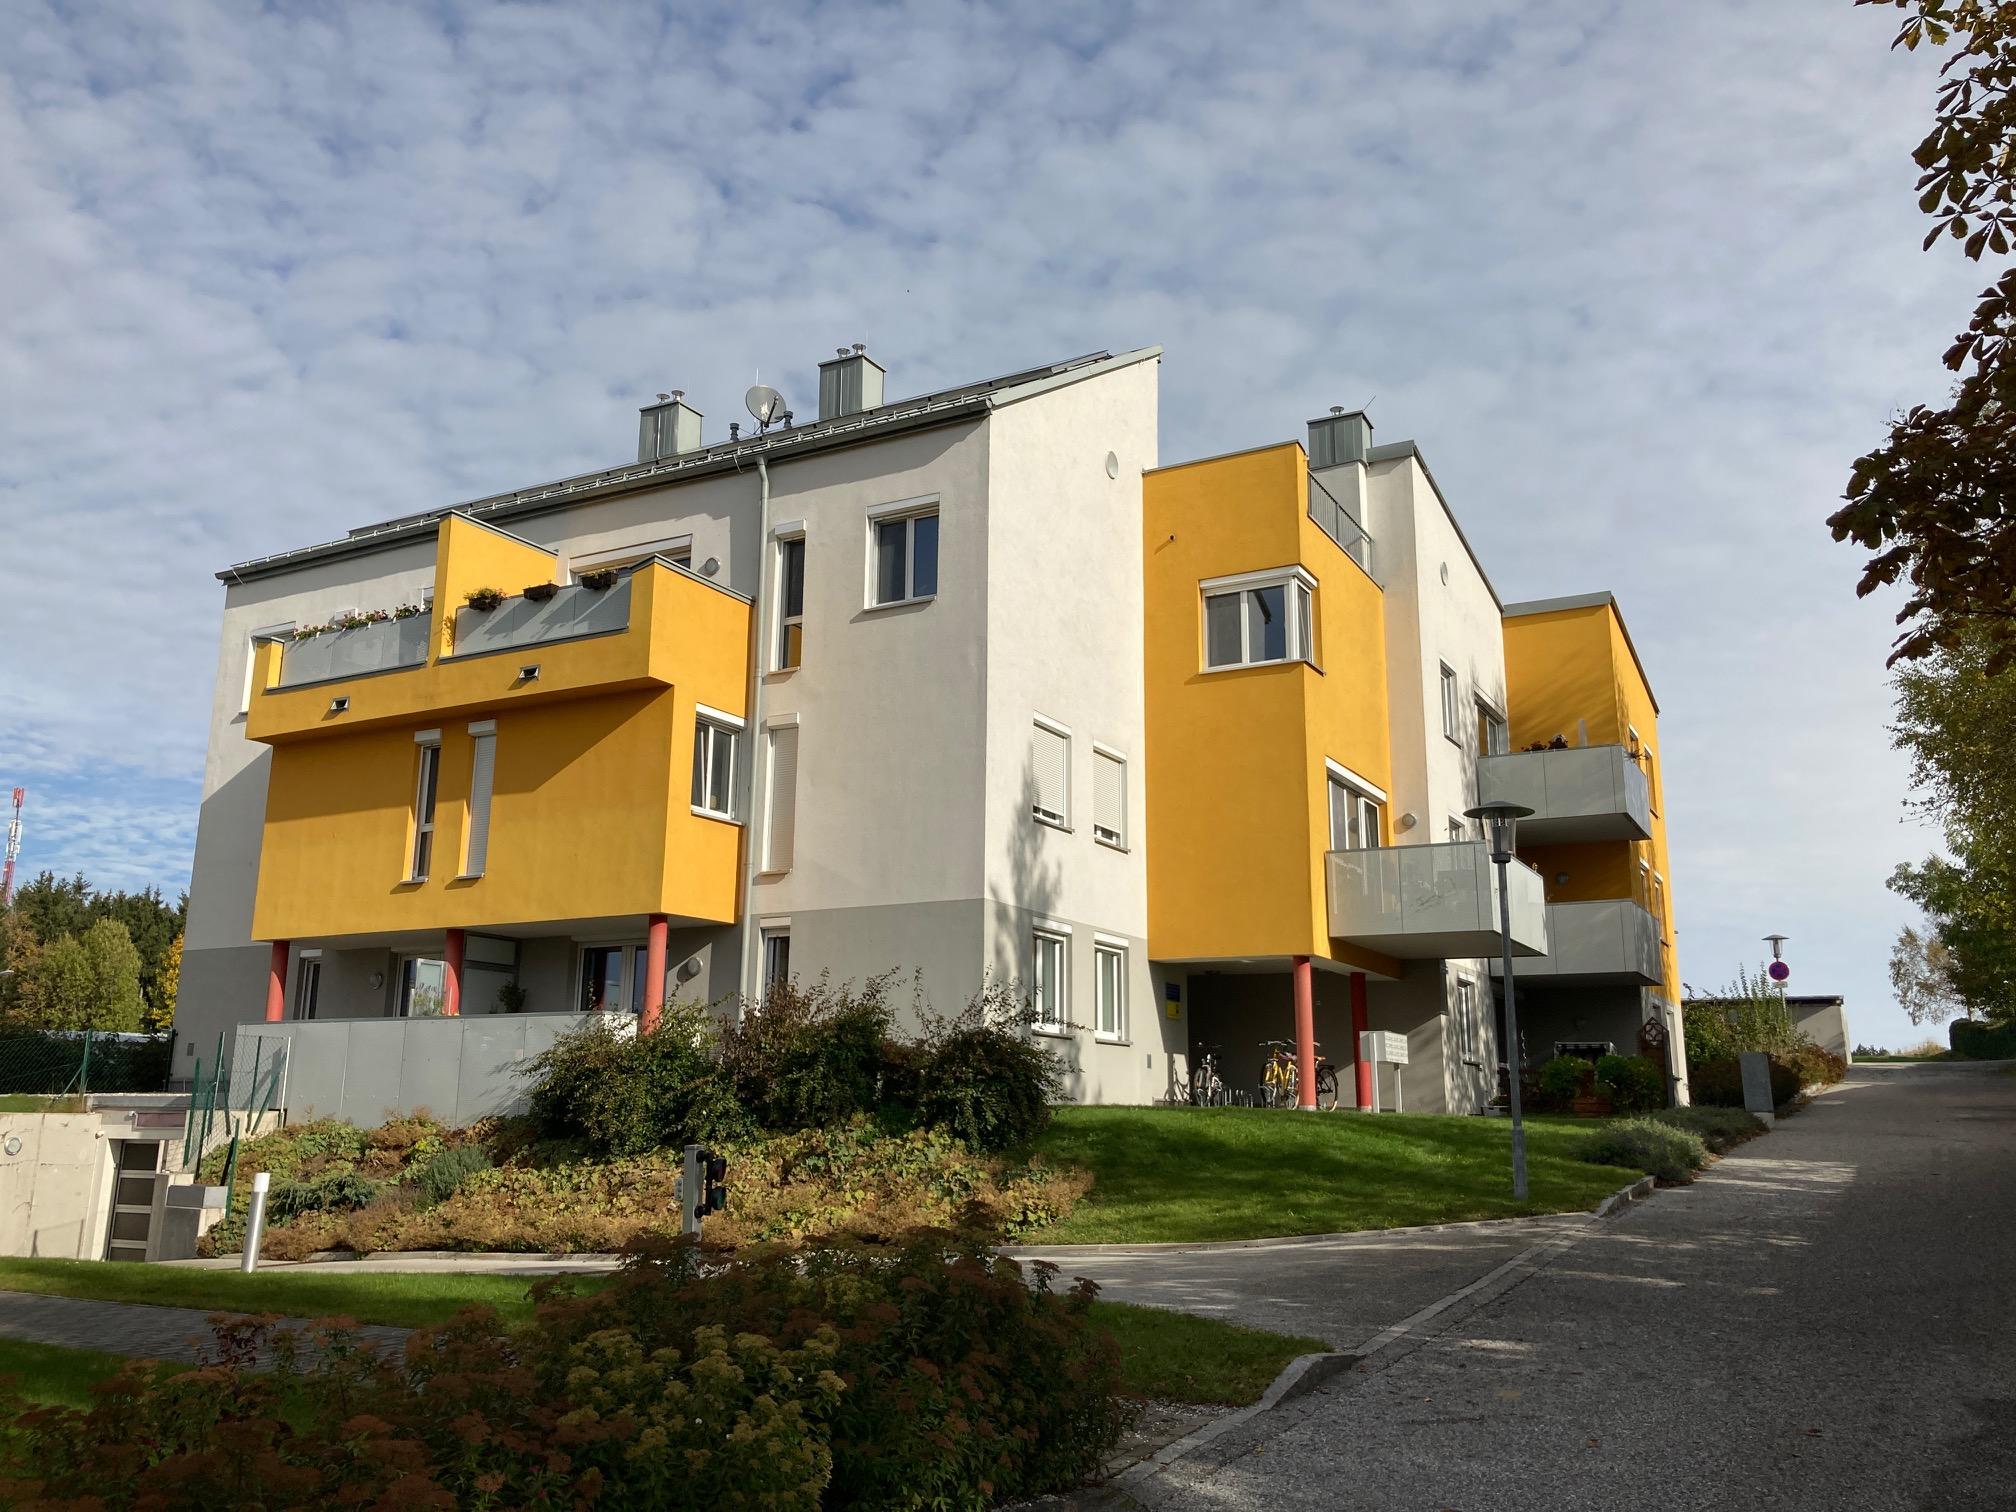 Immobilie von Kamptal in 3631 Ottenschlag, Zwettl, Ottenschlag I/2 - Top 106 #10